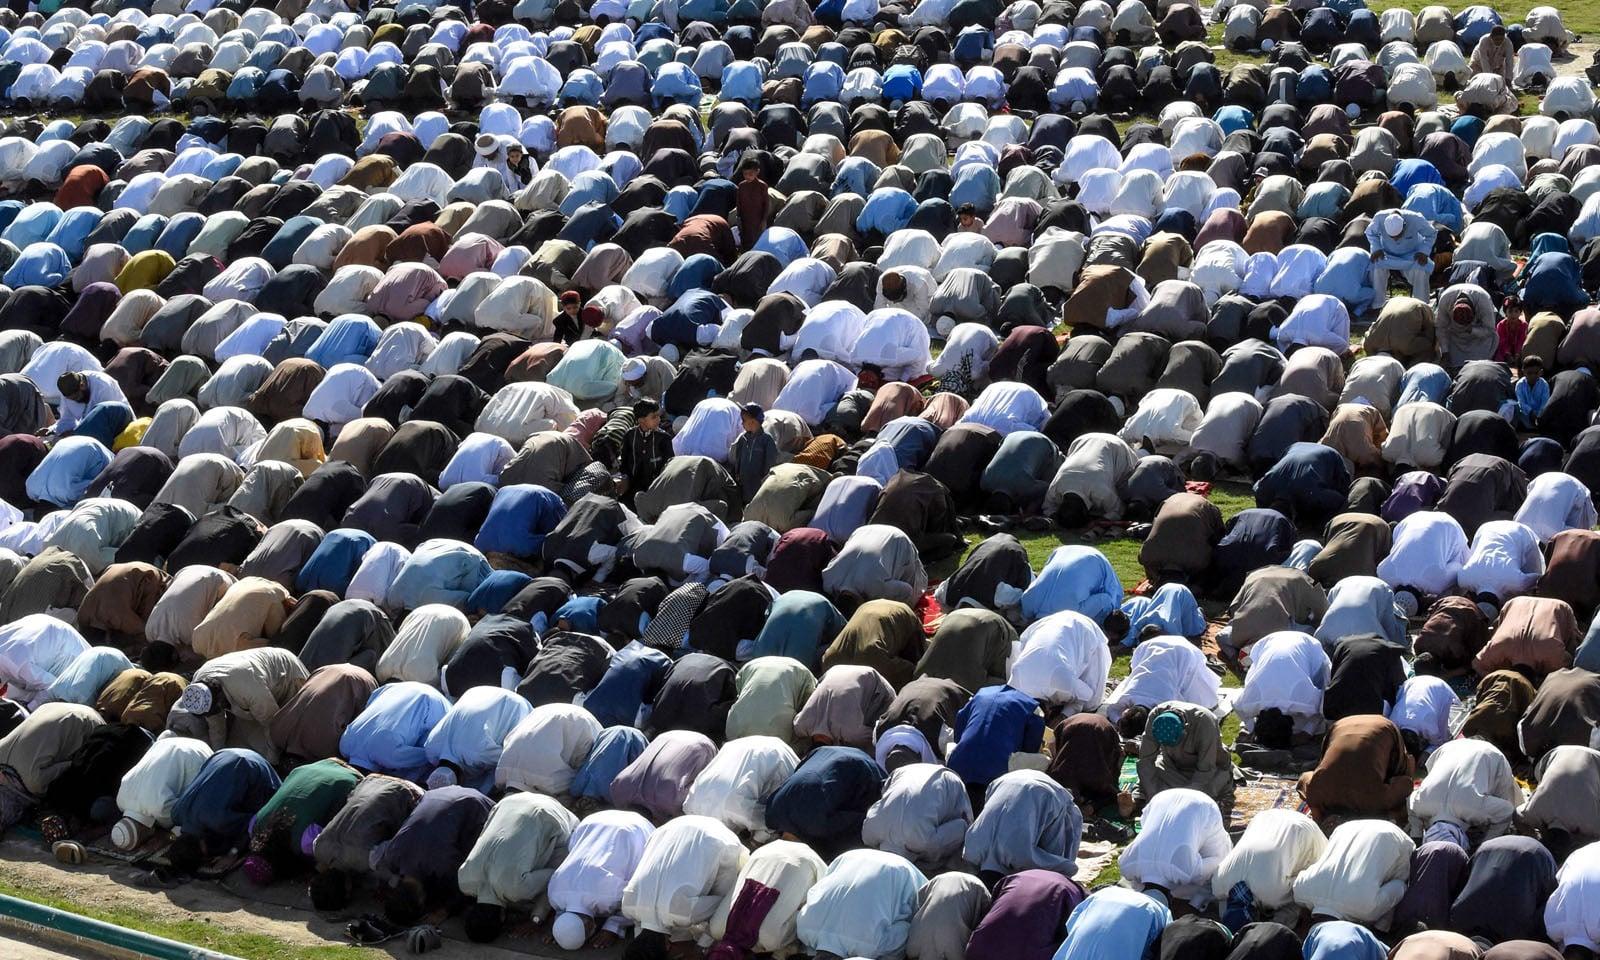 کوئٹہ میں نماز عید کی ادائیگی کے لیے مسلمان بڑی تعداد میں جمع ہوئے —فوٹو/ اے ایف پی